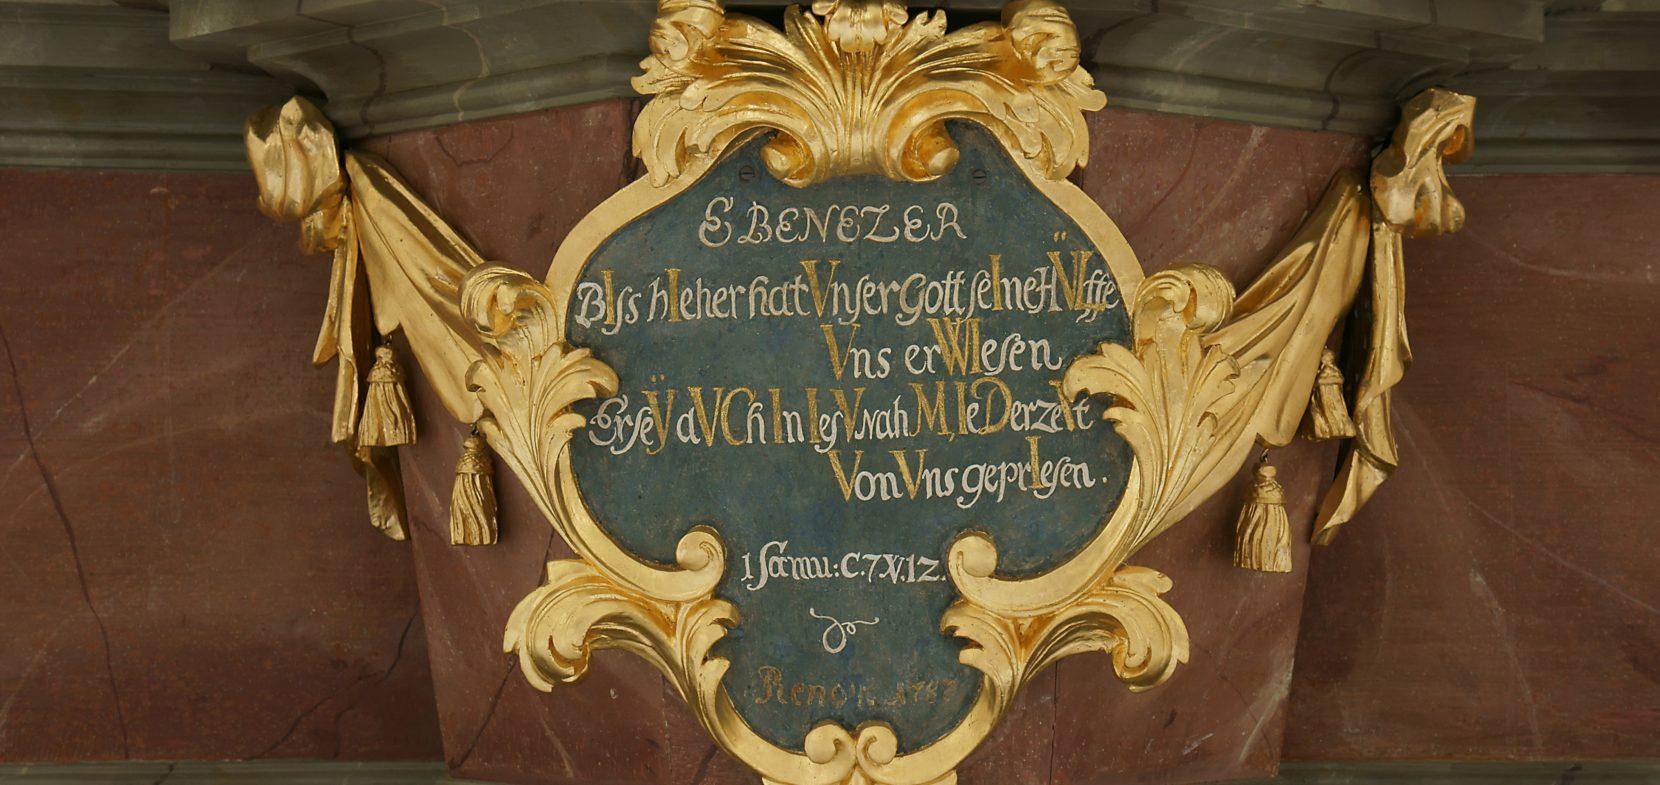 Ev.-Luth. Kirchgemeinde Malschwitz-Guttau im Kirchspiel Gröditz